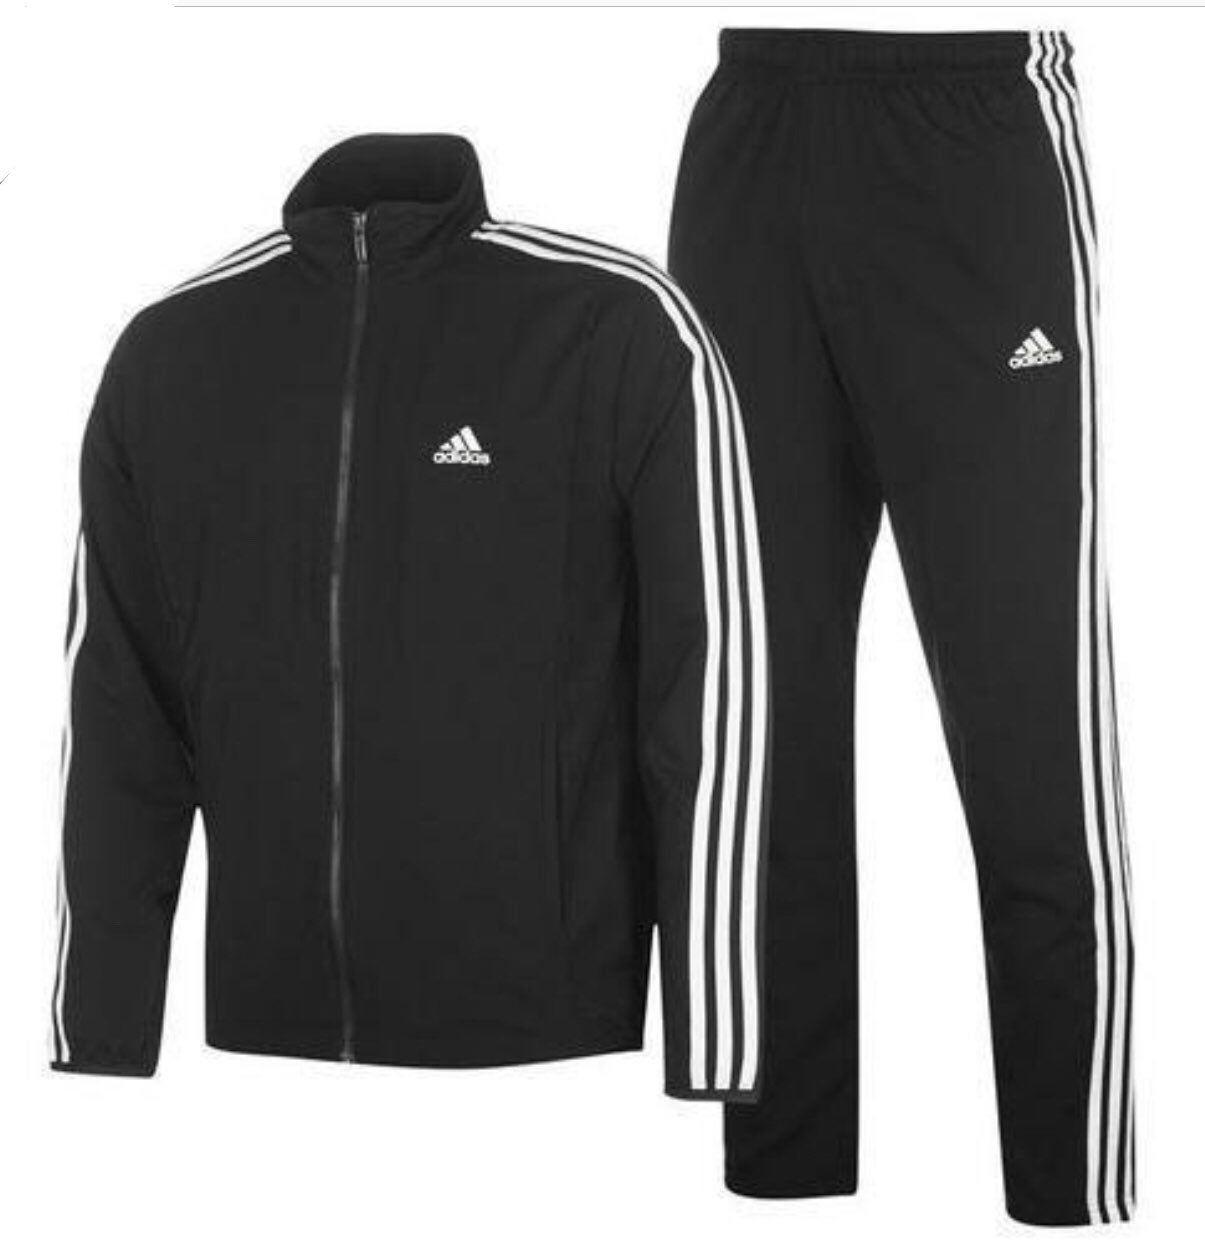 adidas Trainingsjacke 140 Hose Sport Jacke ,T Shirt H 96 wie